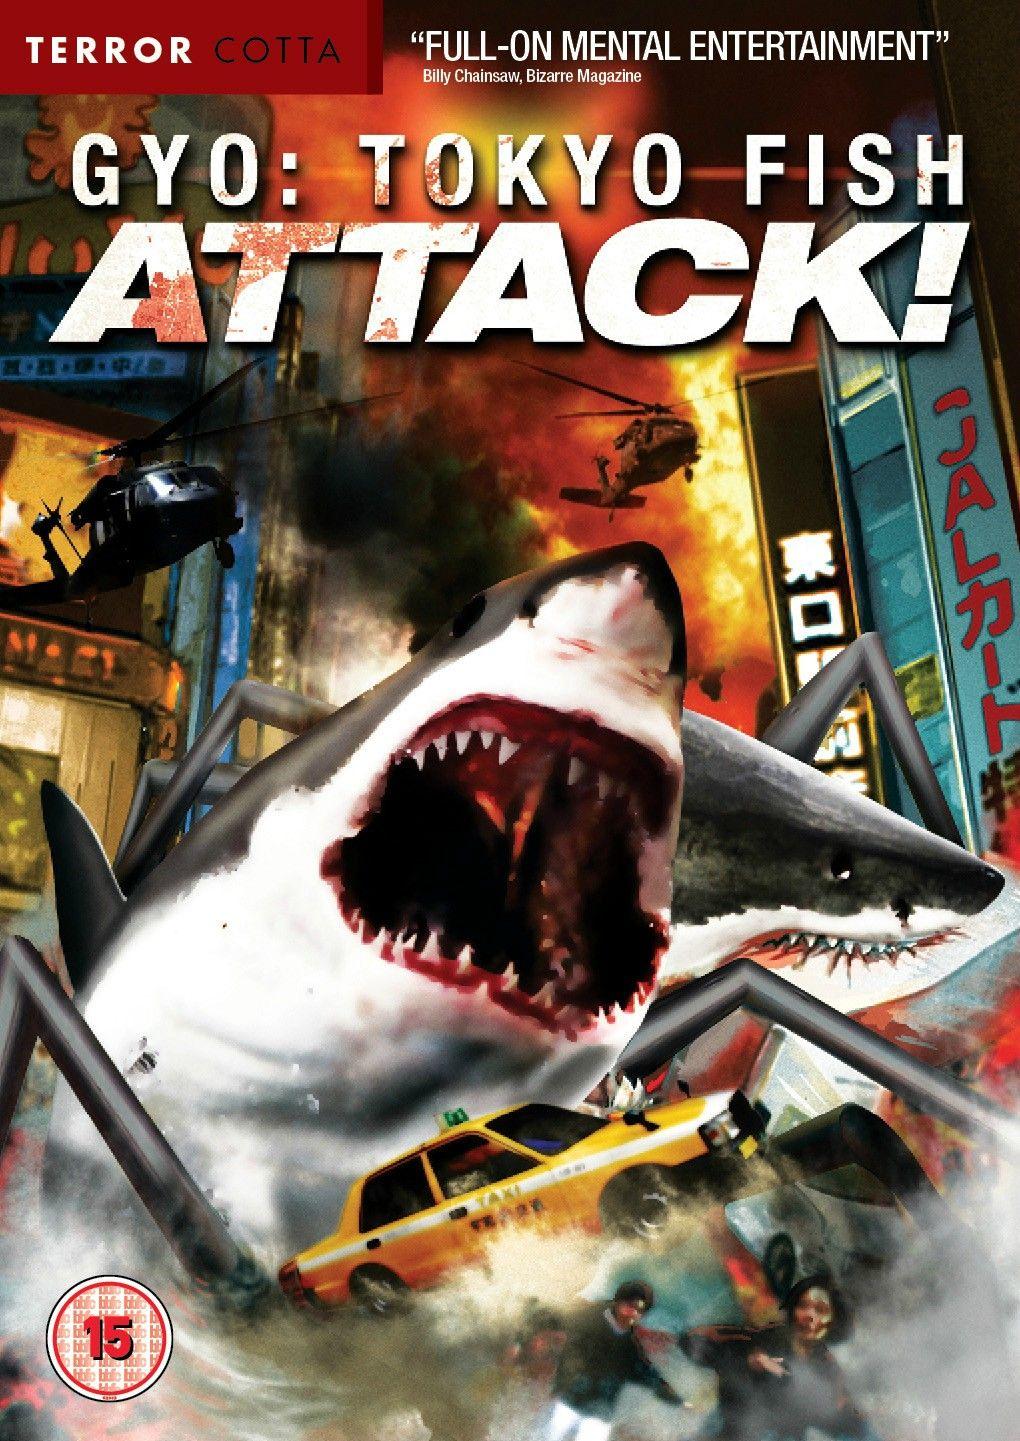 Our original artwork for Gyo: Tokyo Fish Attack. Bizarre Magazine DVD of the Month. Empire Magazine Kim's Dungeon Breakout.  #Gyo #Tokyo #Fish #Attack #Junji #Ito #Takayuki #Hirao #Terracotta #Distribution